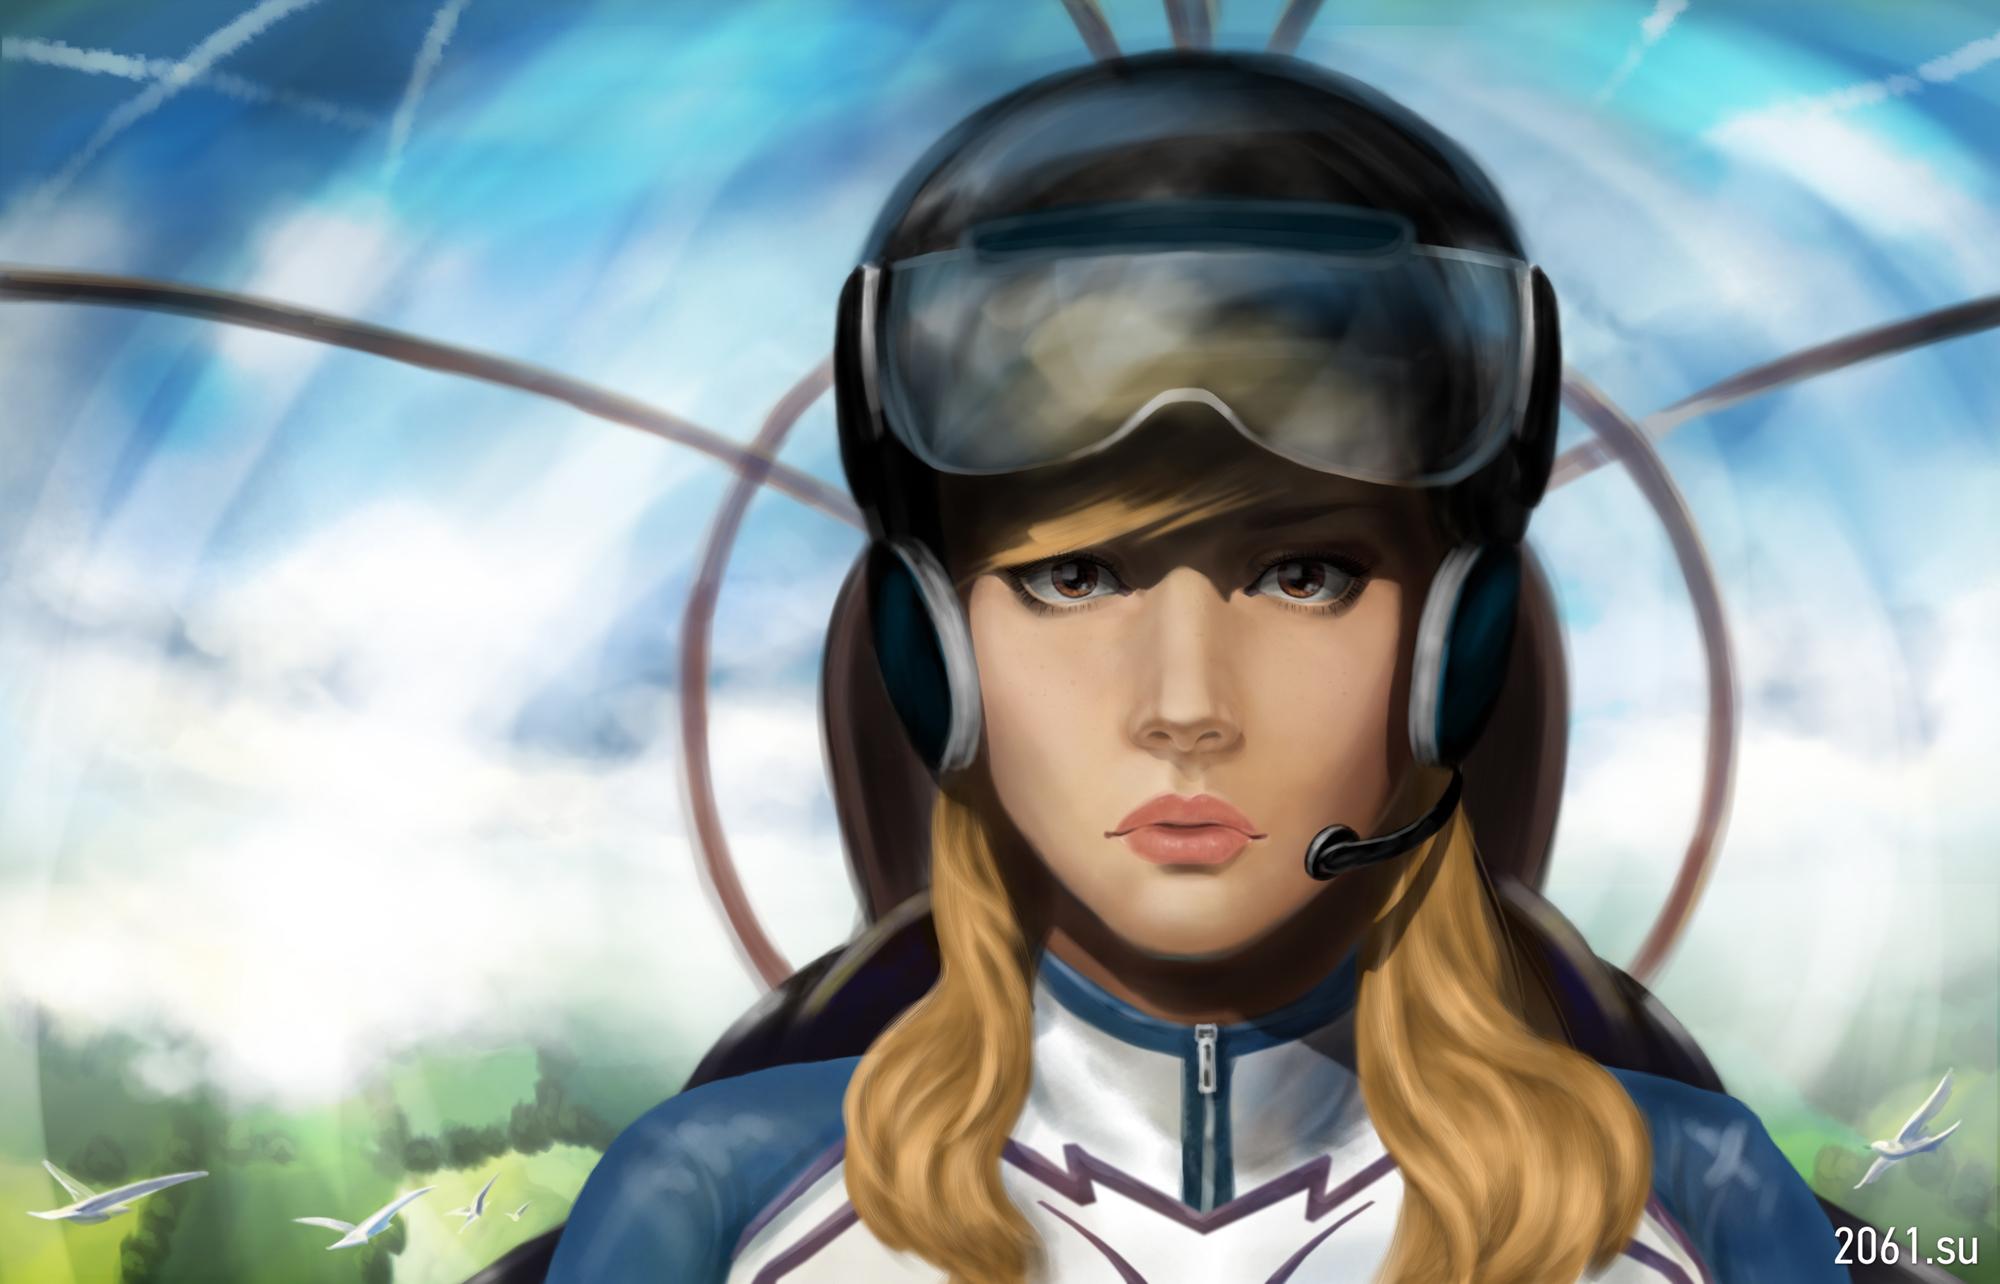 Фото девушки летчика